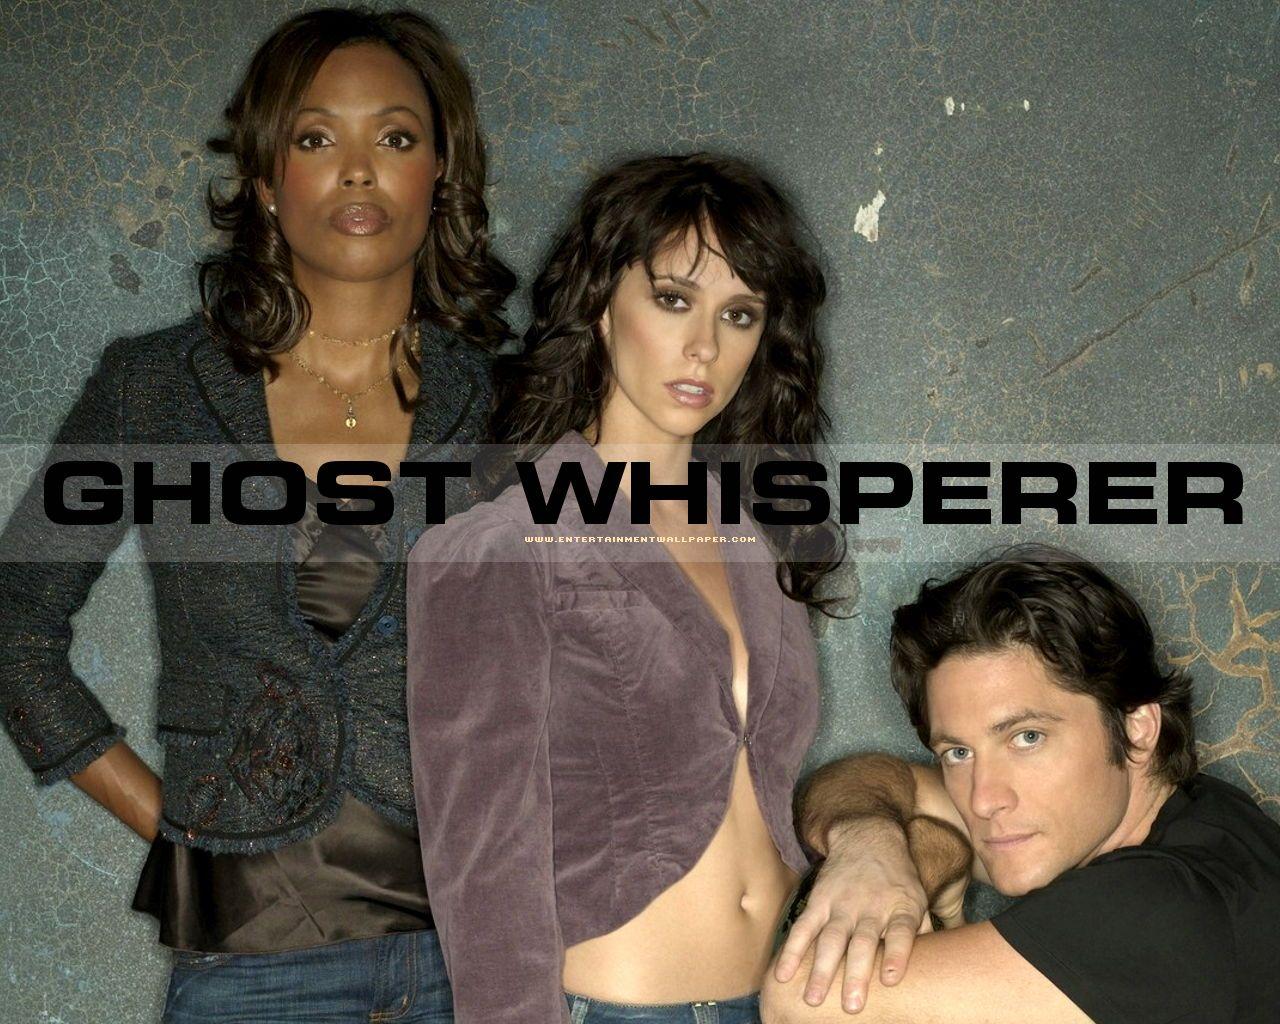 http://2.bp.blogspot.com/_IrPaKoaG71w/TRJeZZn0u4I/AAAAAAAACGA/nt_H4ICsnD4/s1600/tv_ghost_whisperer08.jpg